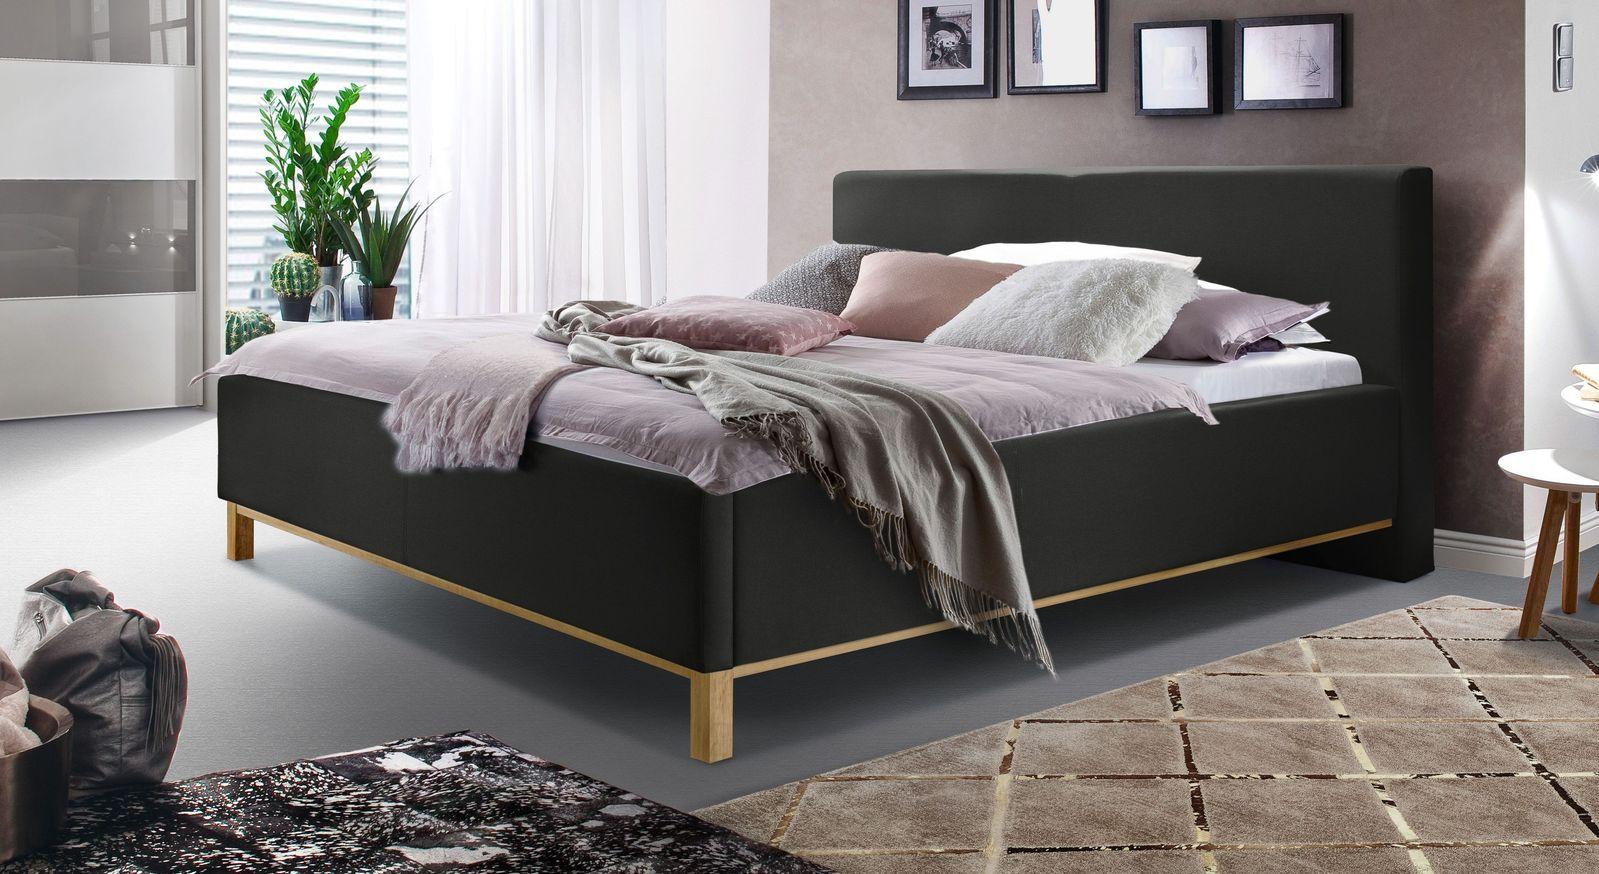 Bett Tranquilo aus feinem Webstoff in Schwarz